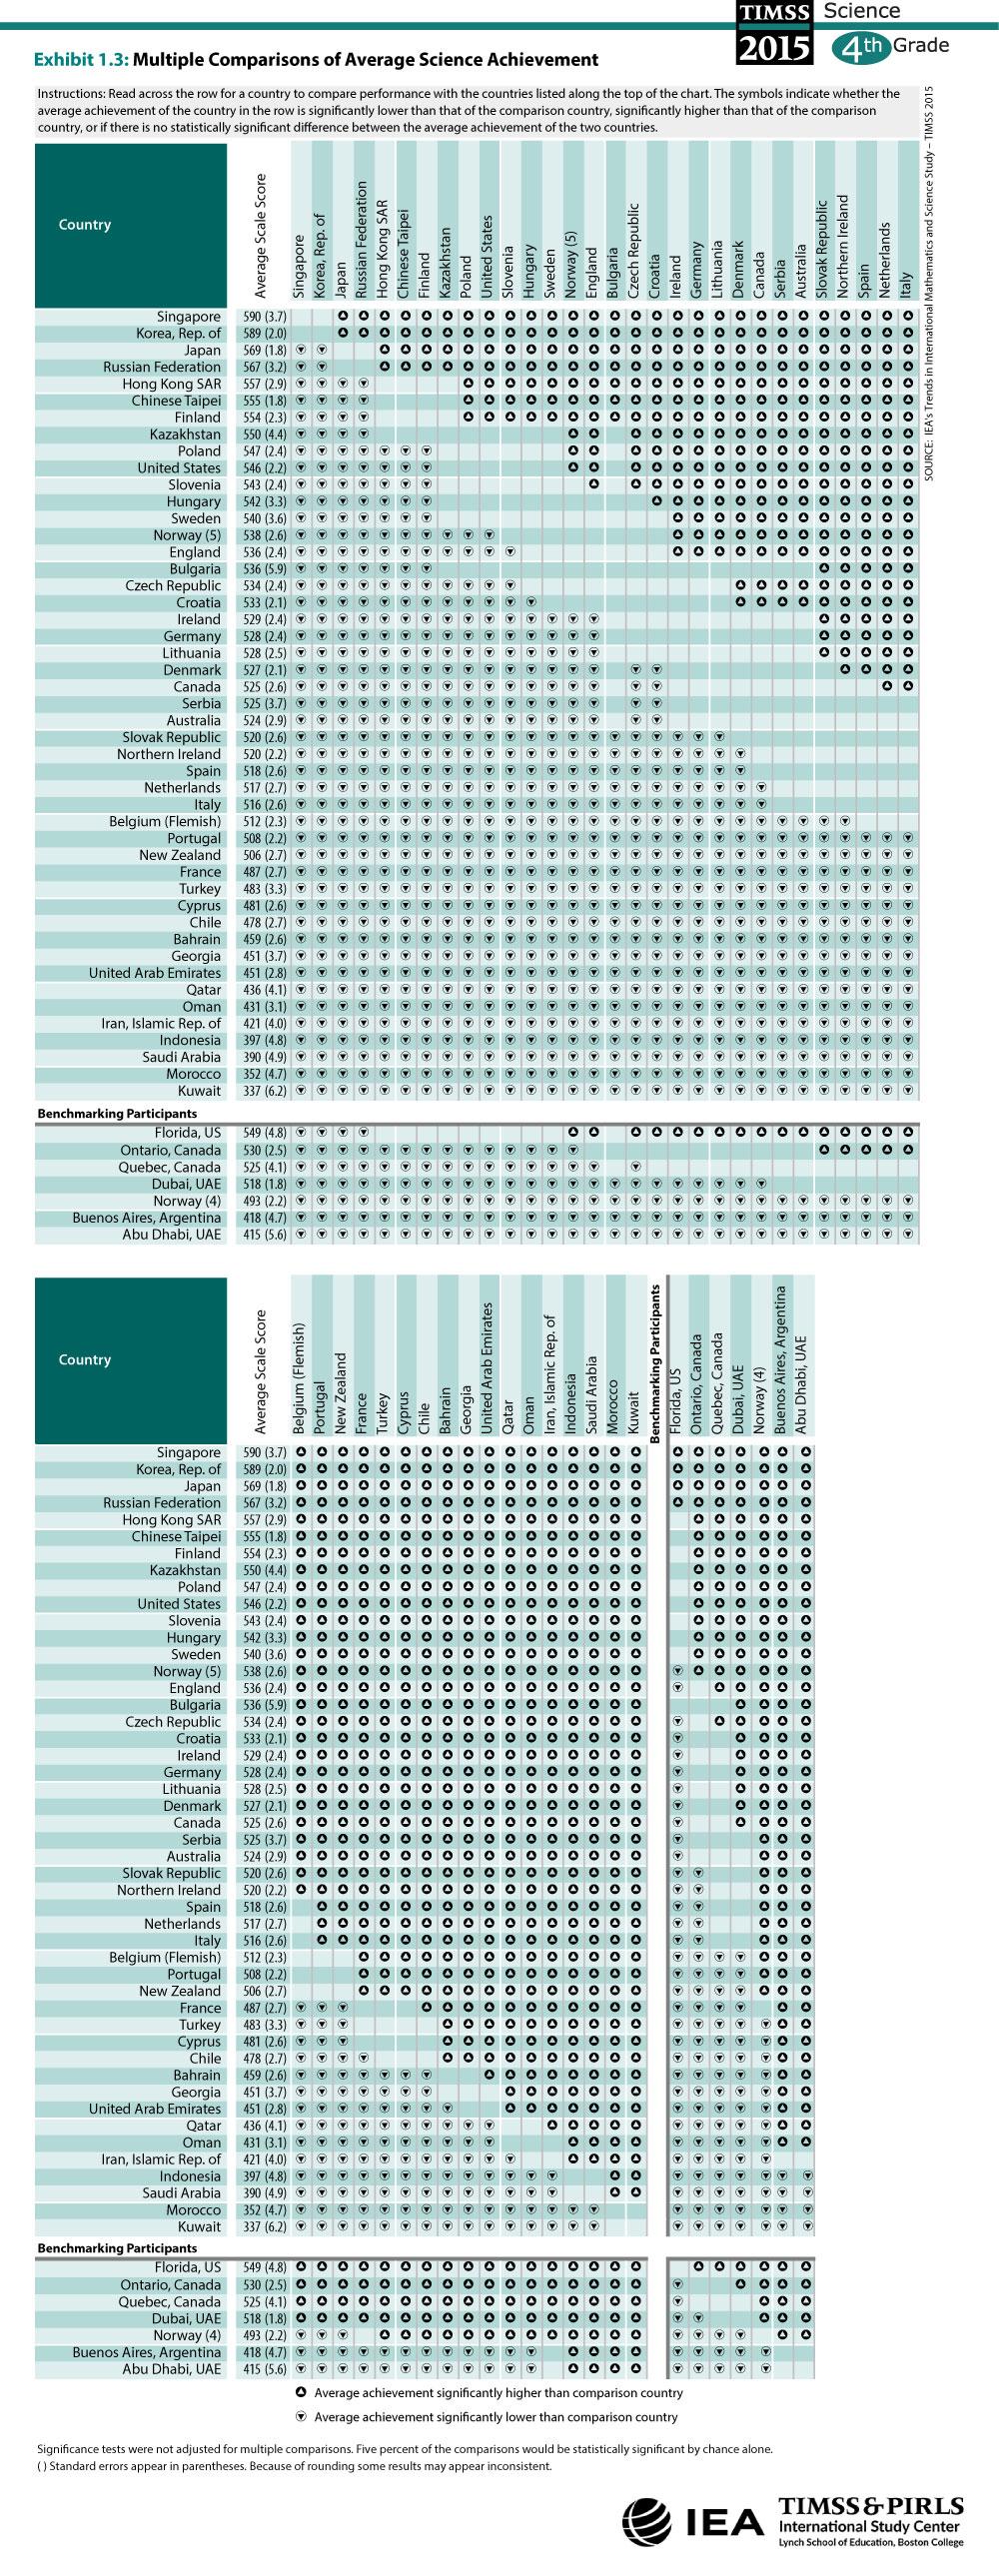 Multiple Comparisons of Average Science Achievement (G4)